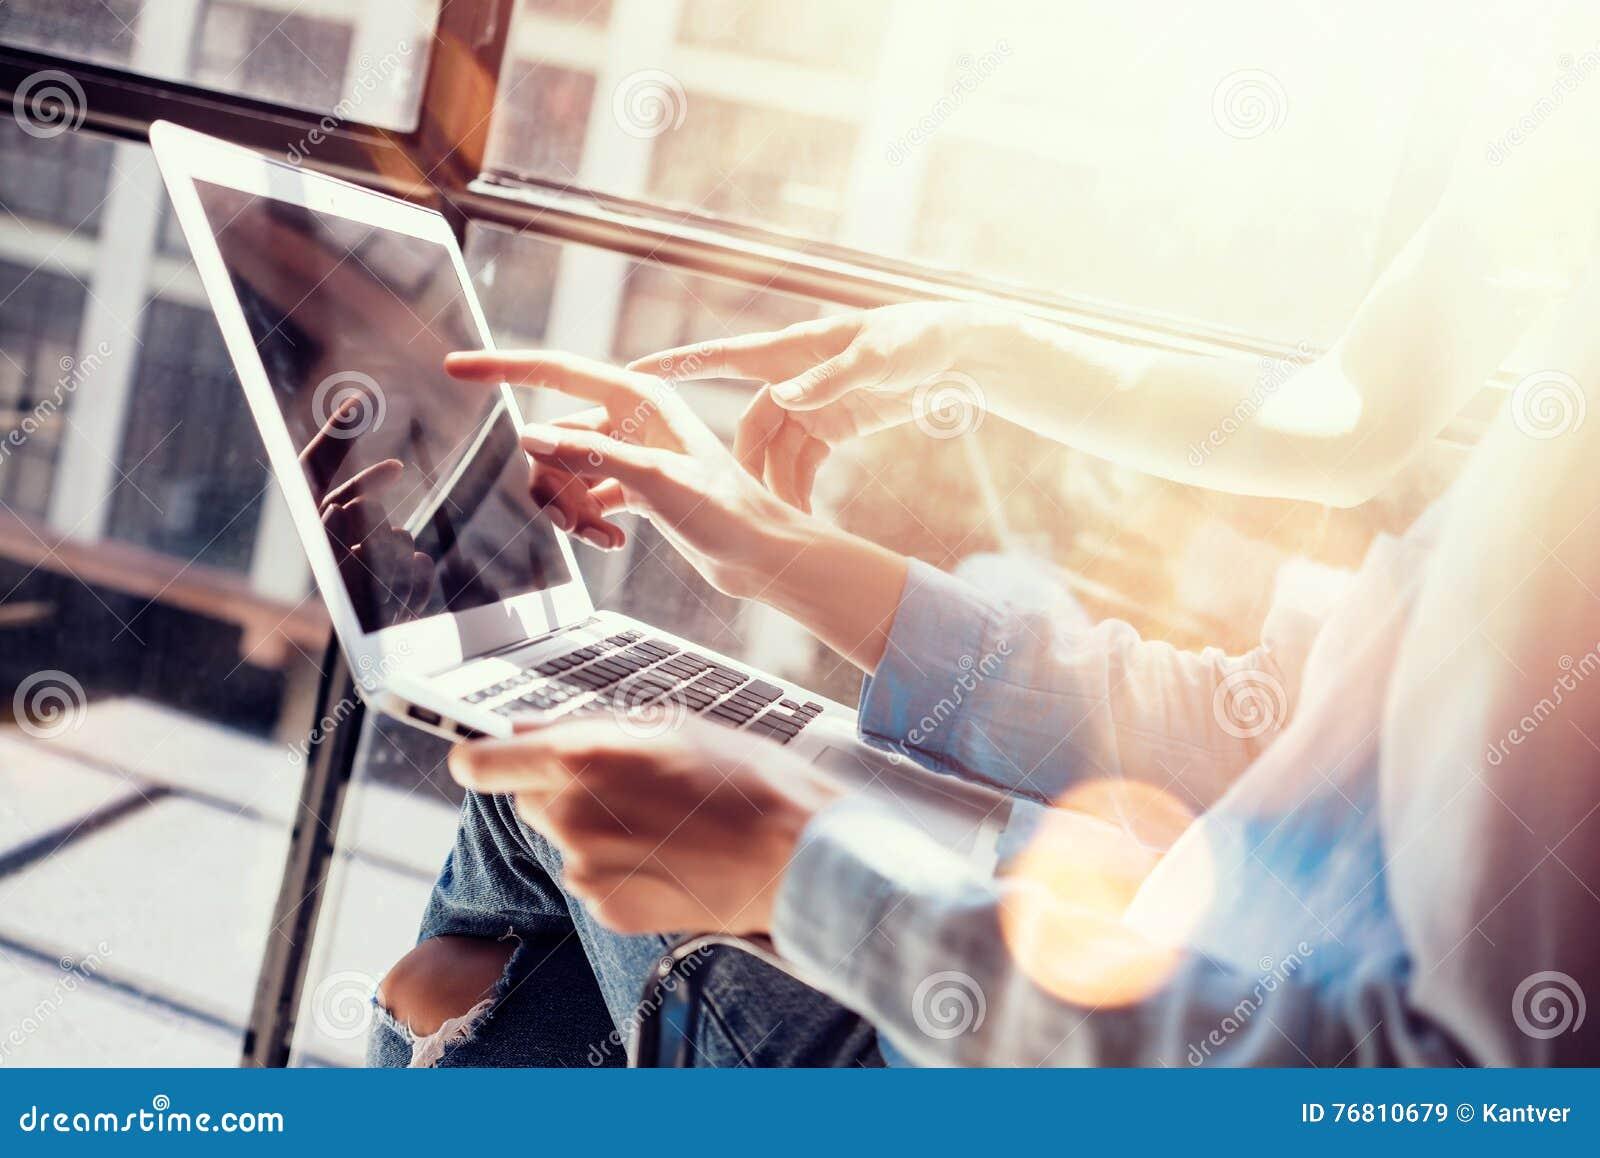 Συνάδελφοι γυναίκας που κάνουν τις μεγάλες επιχειρηματικές αποφάσεις Νέο μάρκετινγκ ομάδας lap-top γραφείων έννοιας εργασίας συζή